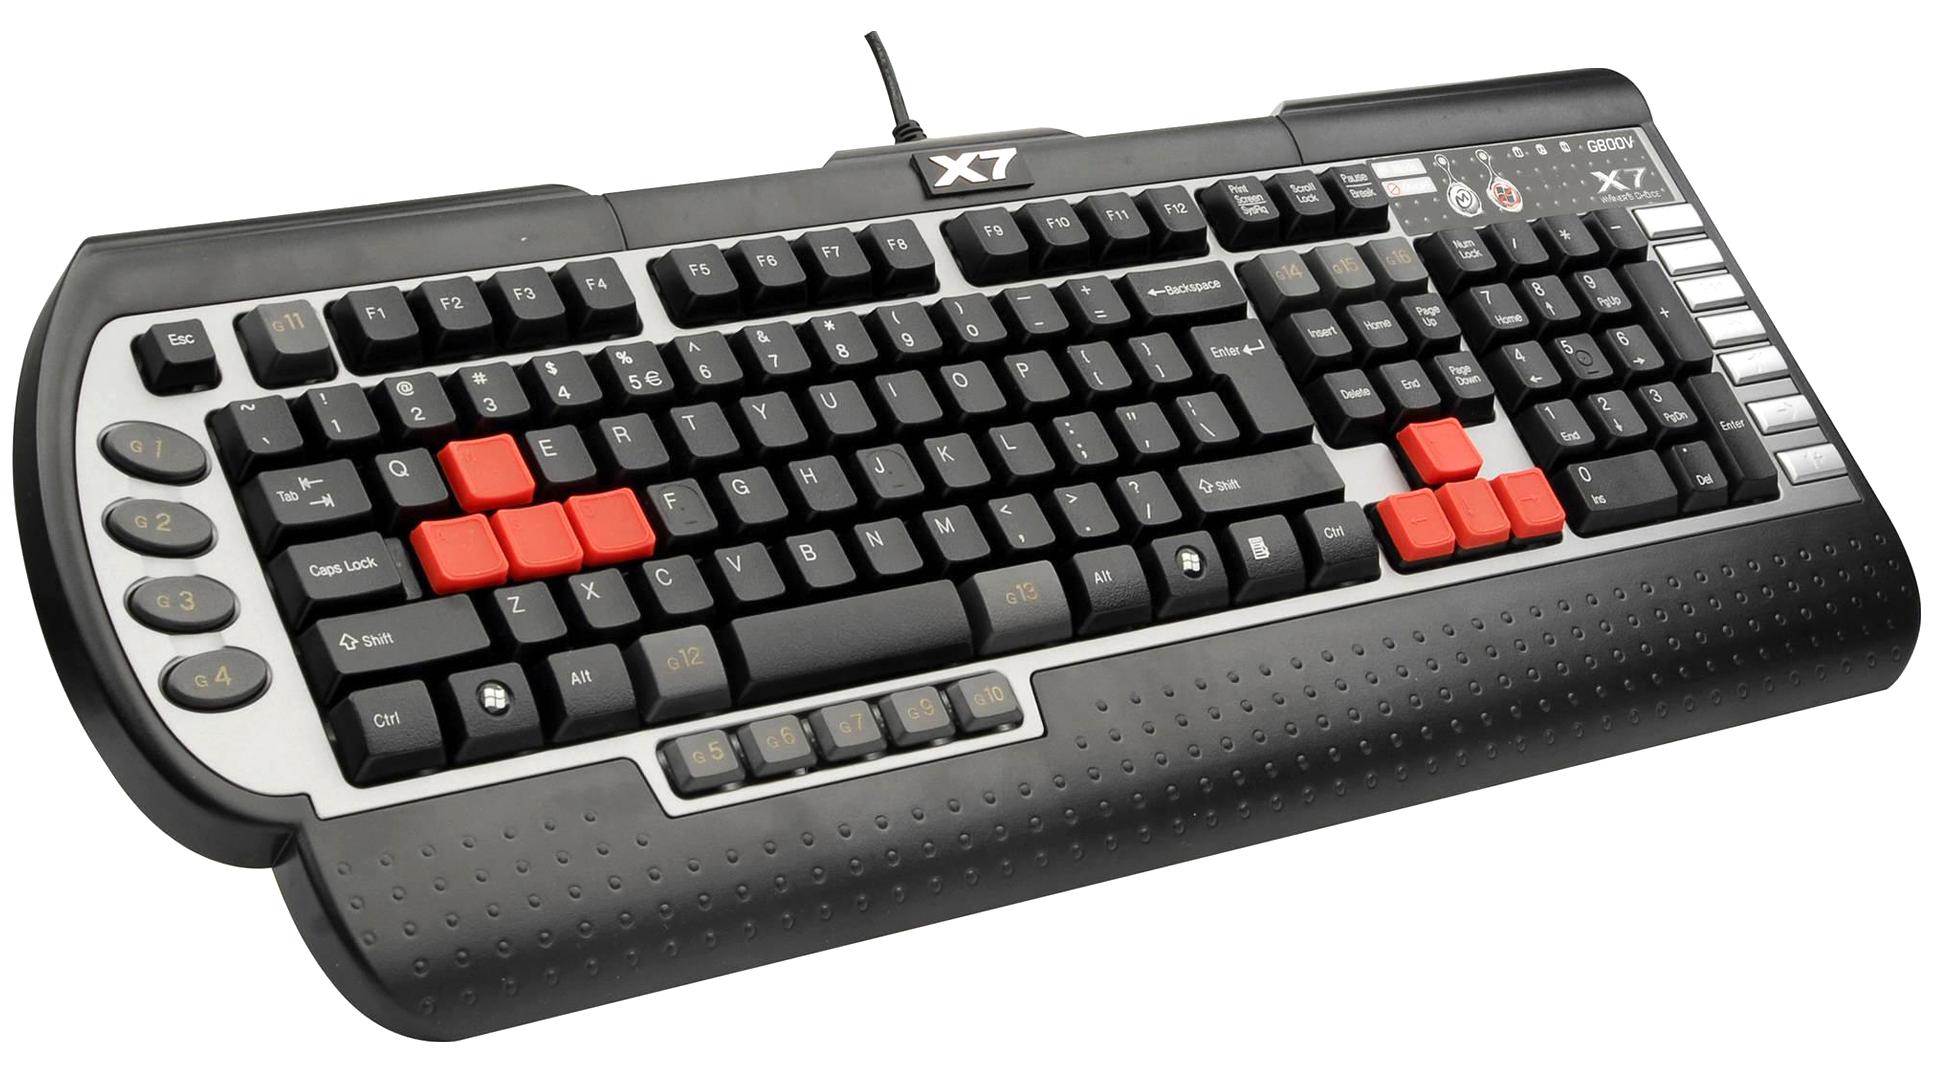 Keyboard PNG Transparent Imag